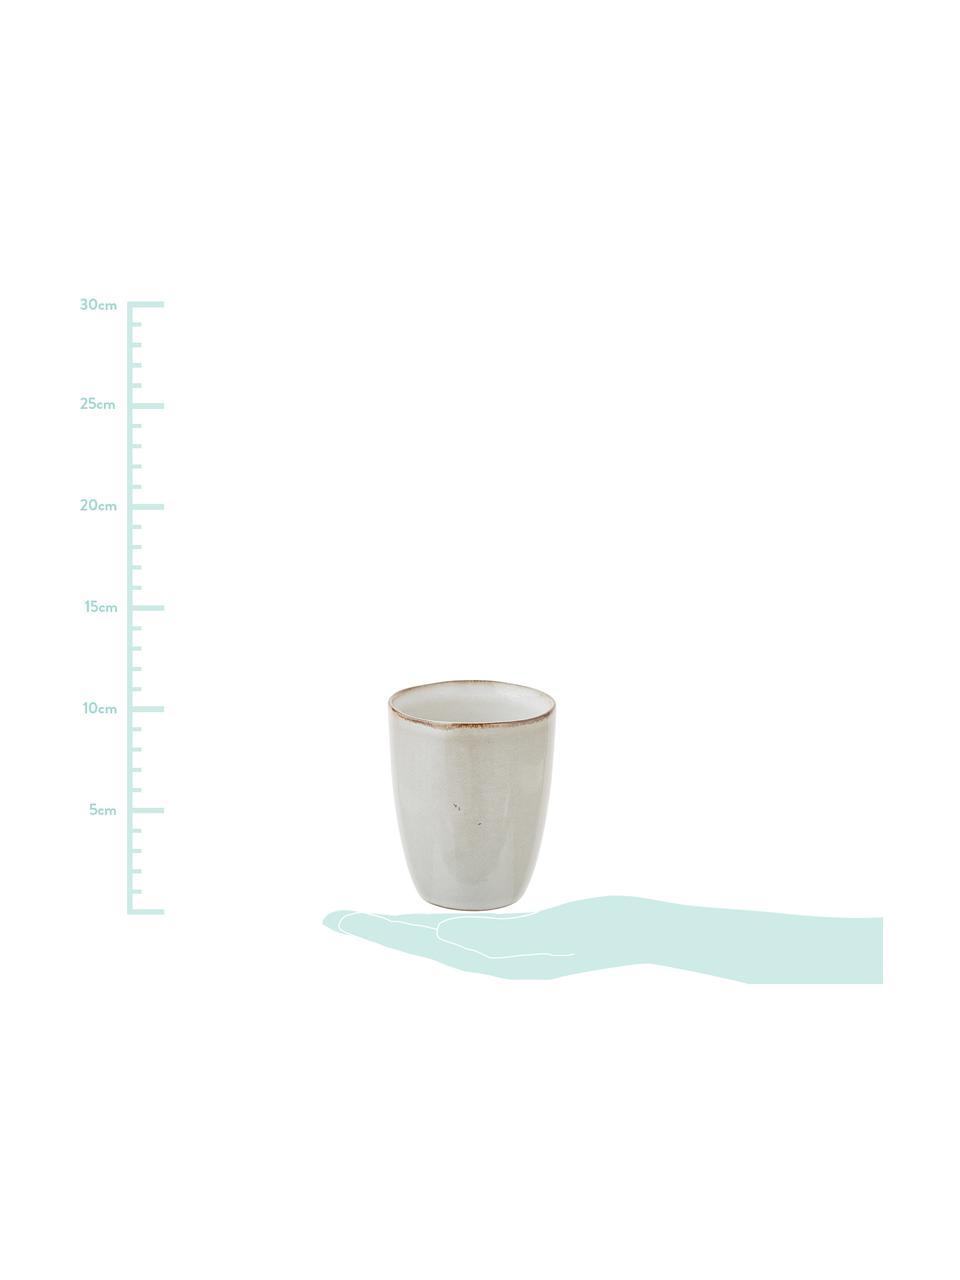 Handgemachte Steingut-Becher Thalia in Beige, 2 Stück, Steingut, Beige, Ø 9 x H 11 cm